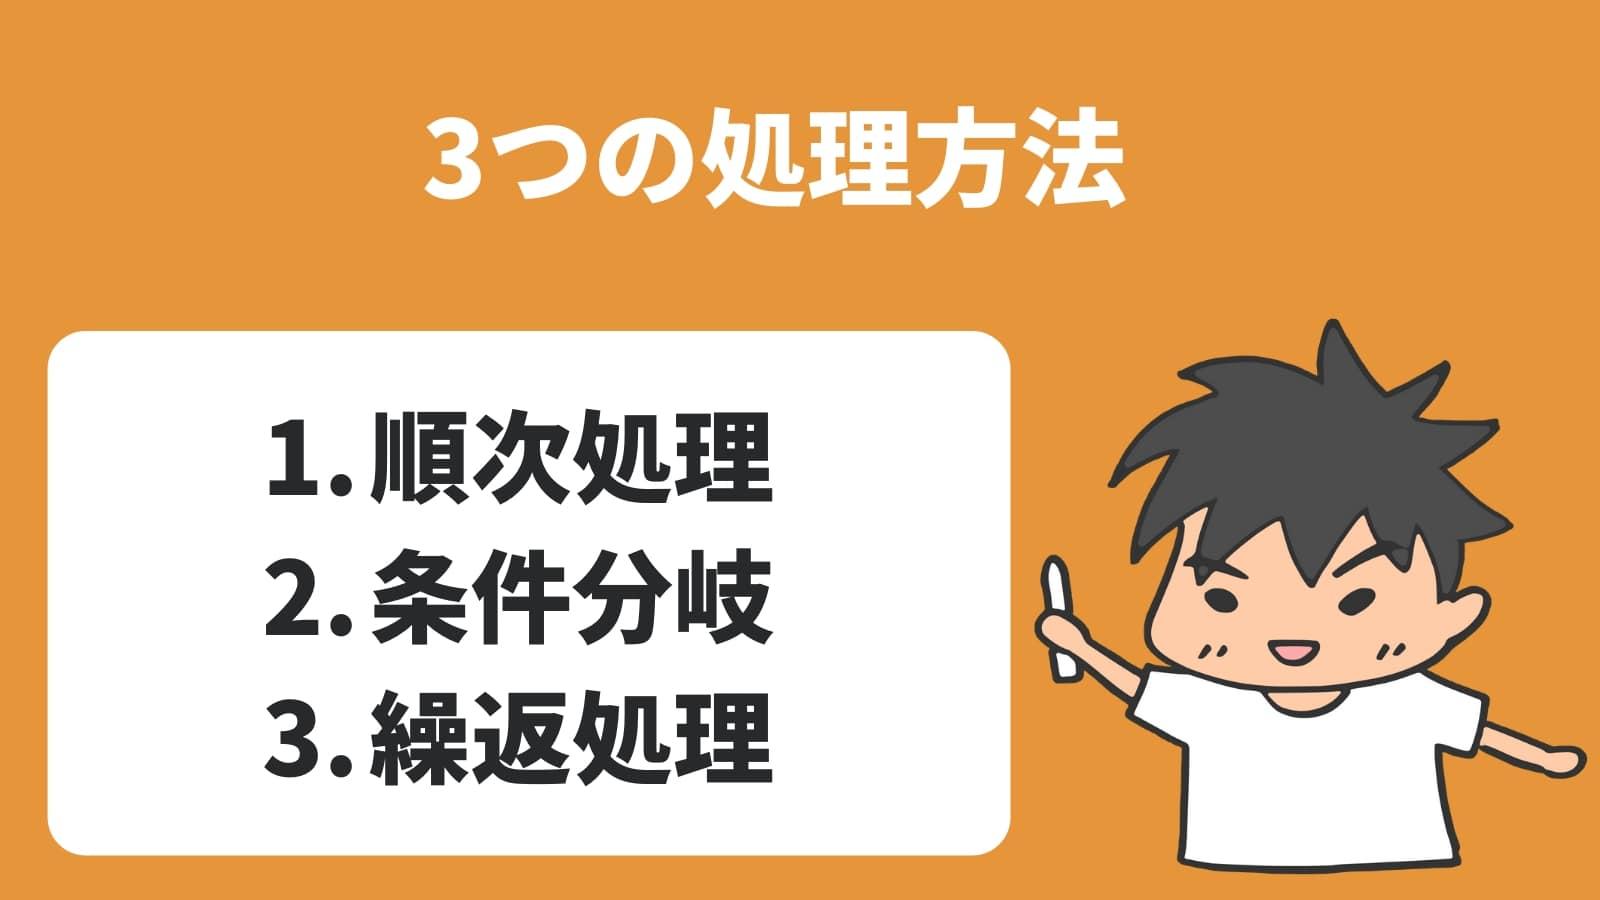 3つの処理方法